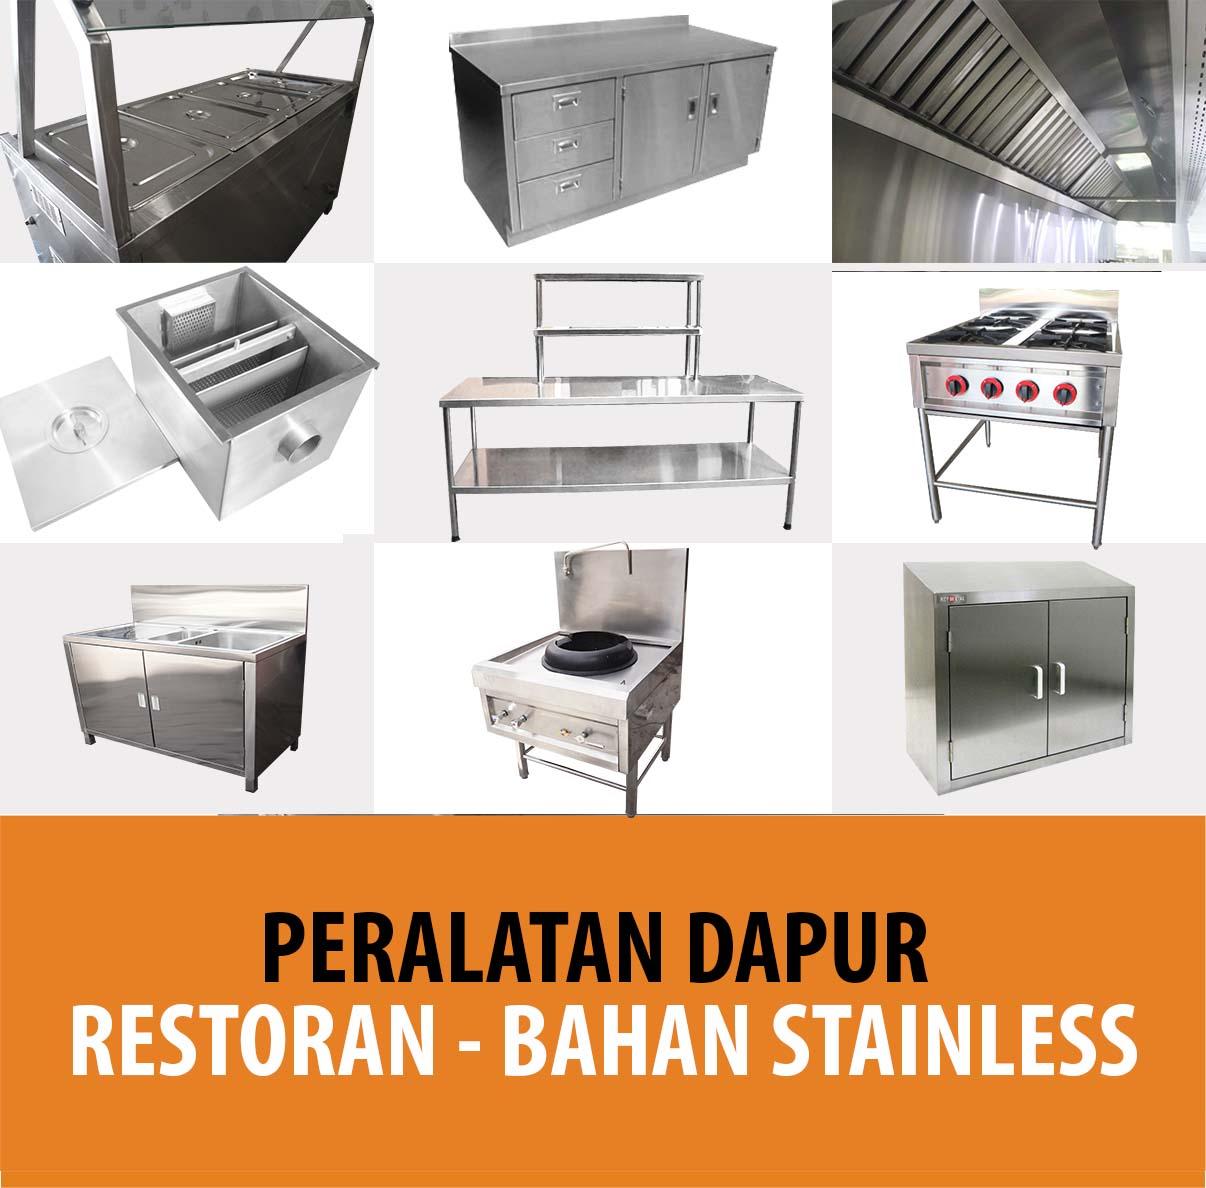 Peralatan Dapur Restorant Bahan Stainless - REYMETAL.COM